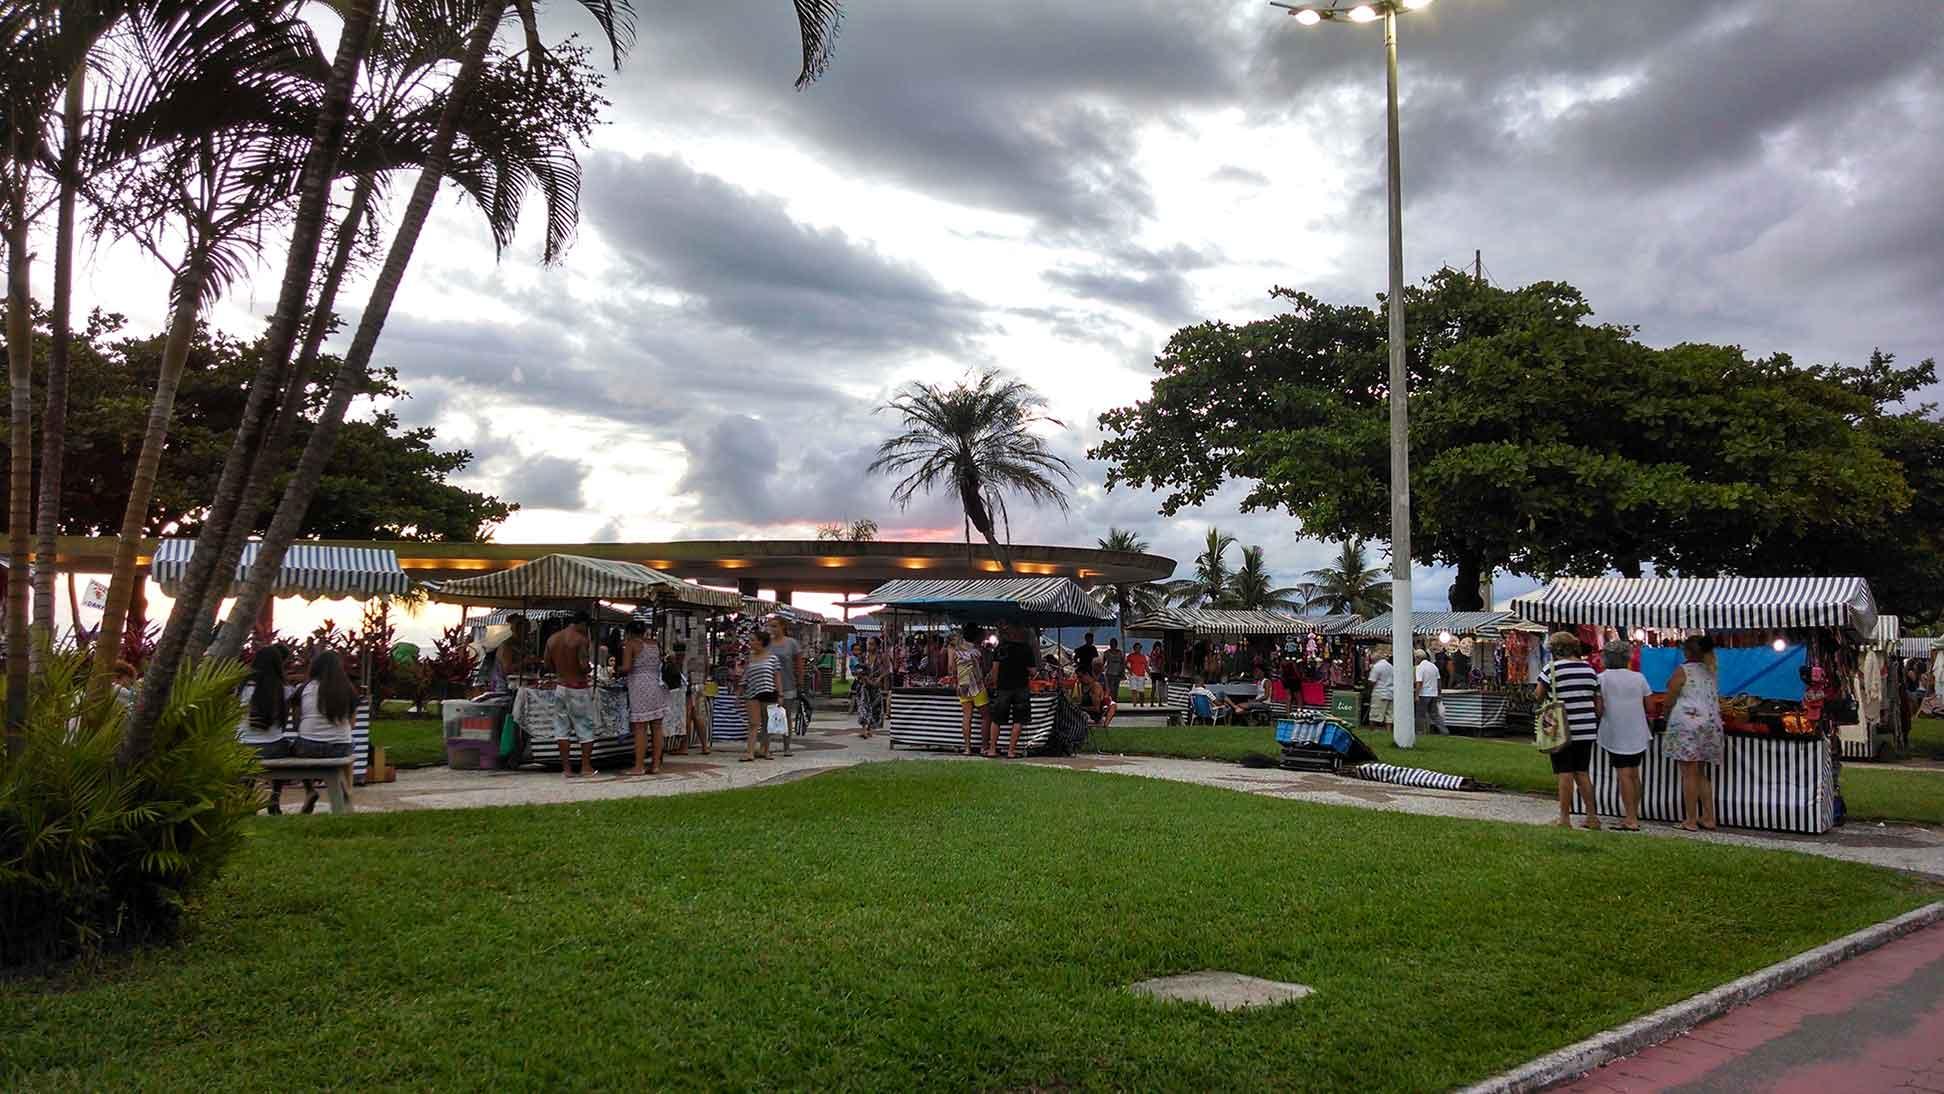 FeirartSantos – SESC e Boqueirão em Santos-santos-artesanato-feirart-praia-do-boqueirao-ft-nathalia-weber-bx